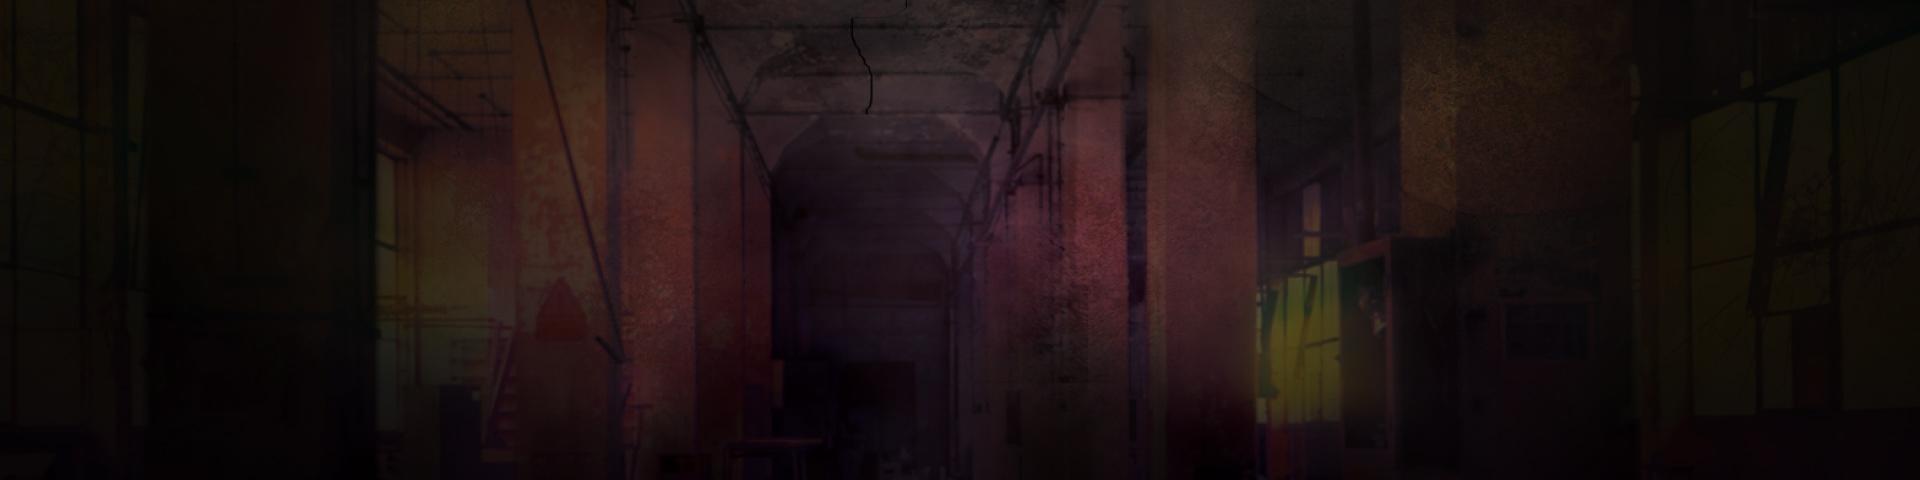 Banner_New_Maze_Runner_1920X480_BG